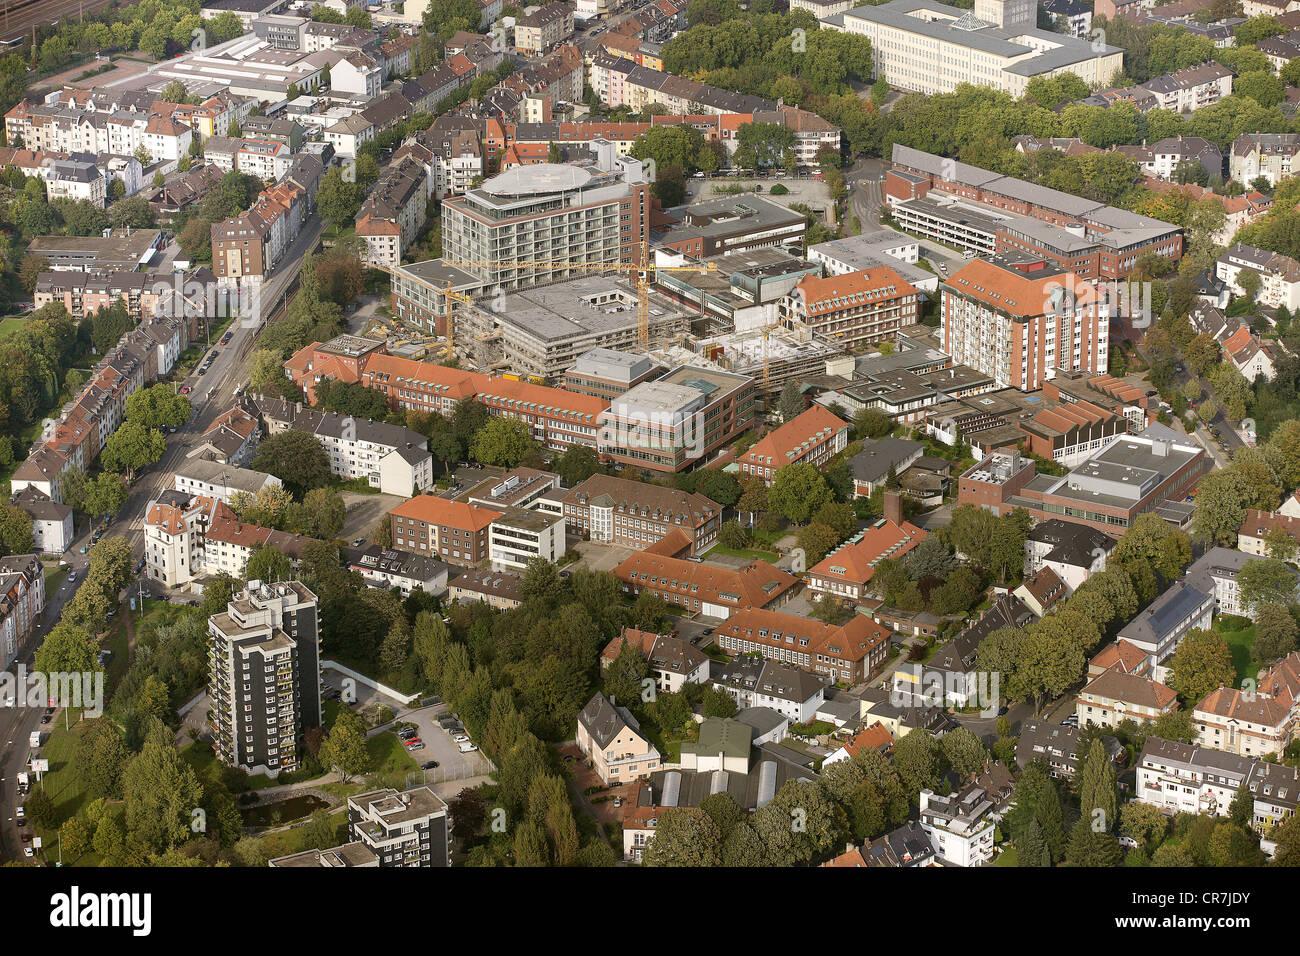 Aerial view, Berufsgenossenschaftliches Universitaetsklinikum Bergmannsheil teaching hospital, Bergmannsheil hospital, - Stock Image